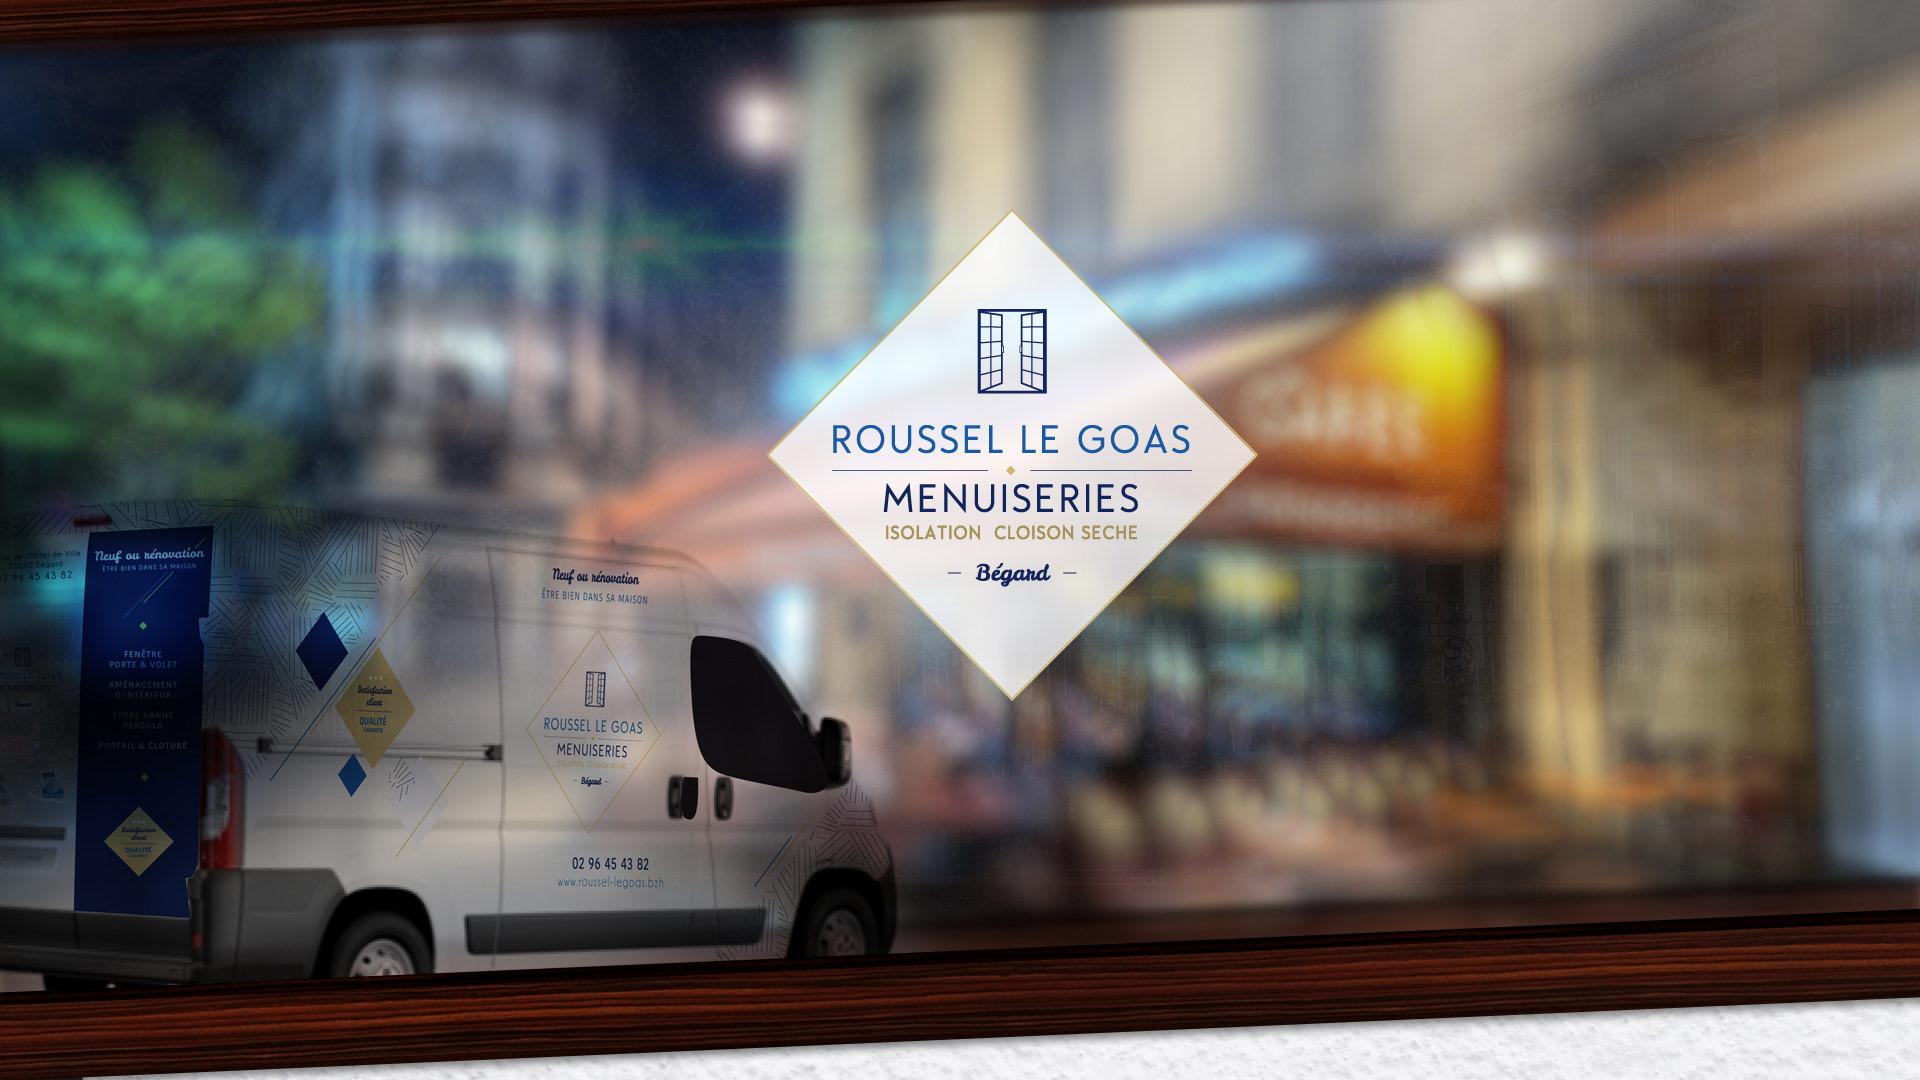 logo-roussel-le-goas-menuiseries-Coqueliko